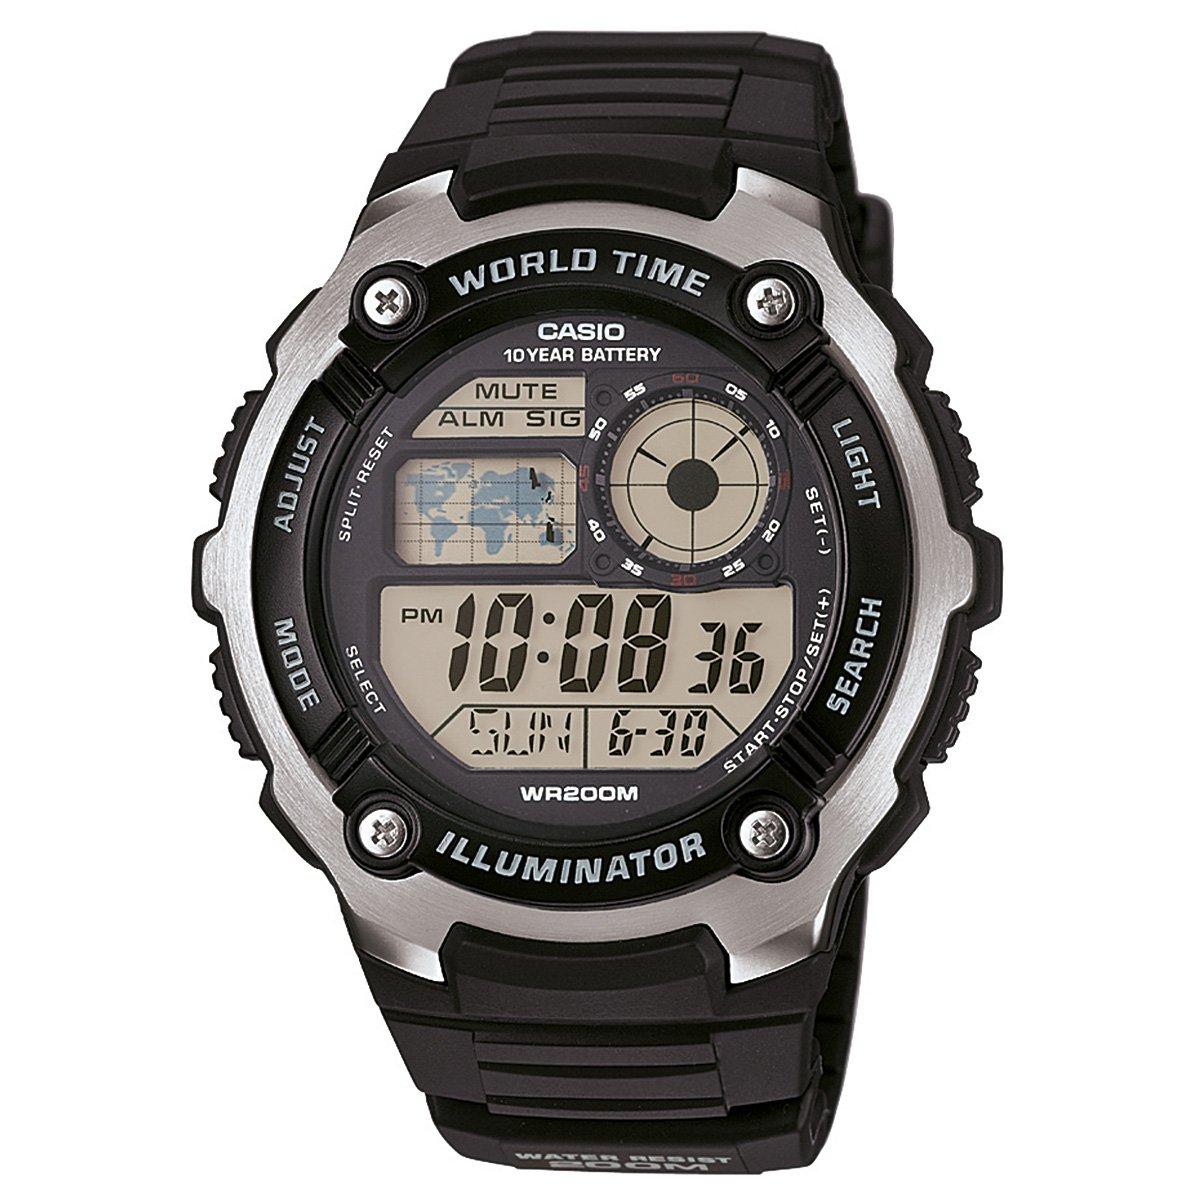 3a1031318c1 Relógio Casio Digital AE-2100W - Preto - Compre Agora